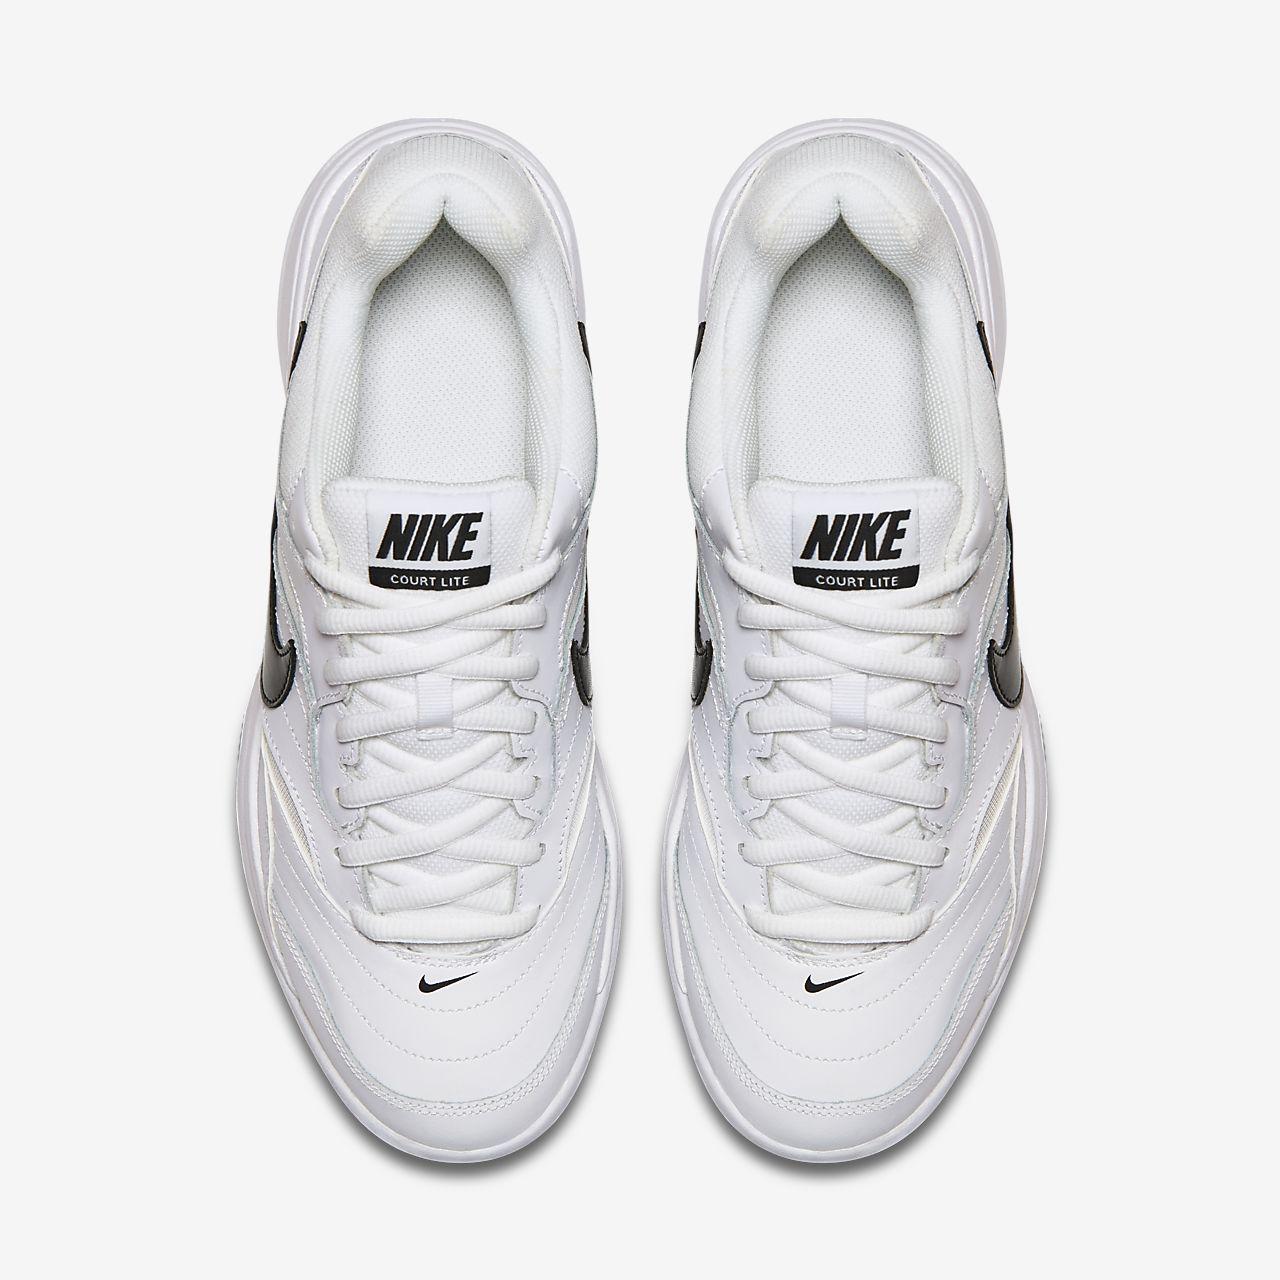 NikeCourt Lite Herren-Tennisschuh Mode Schuhe-AR2125DS      | Elegante Form  3c39ec